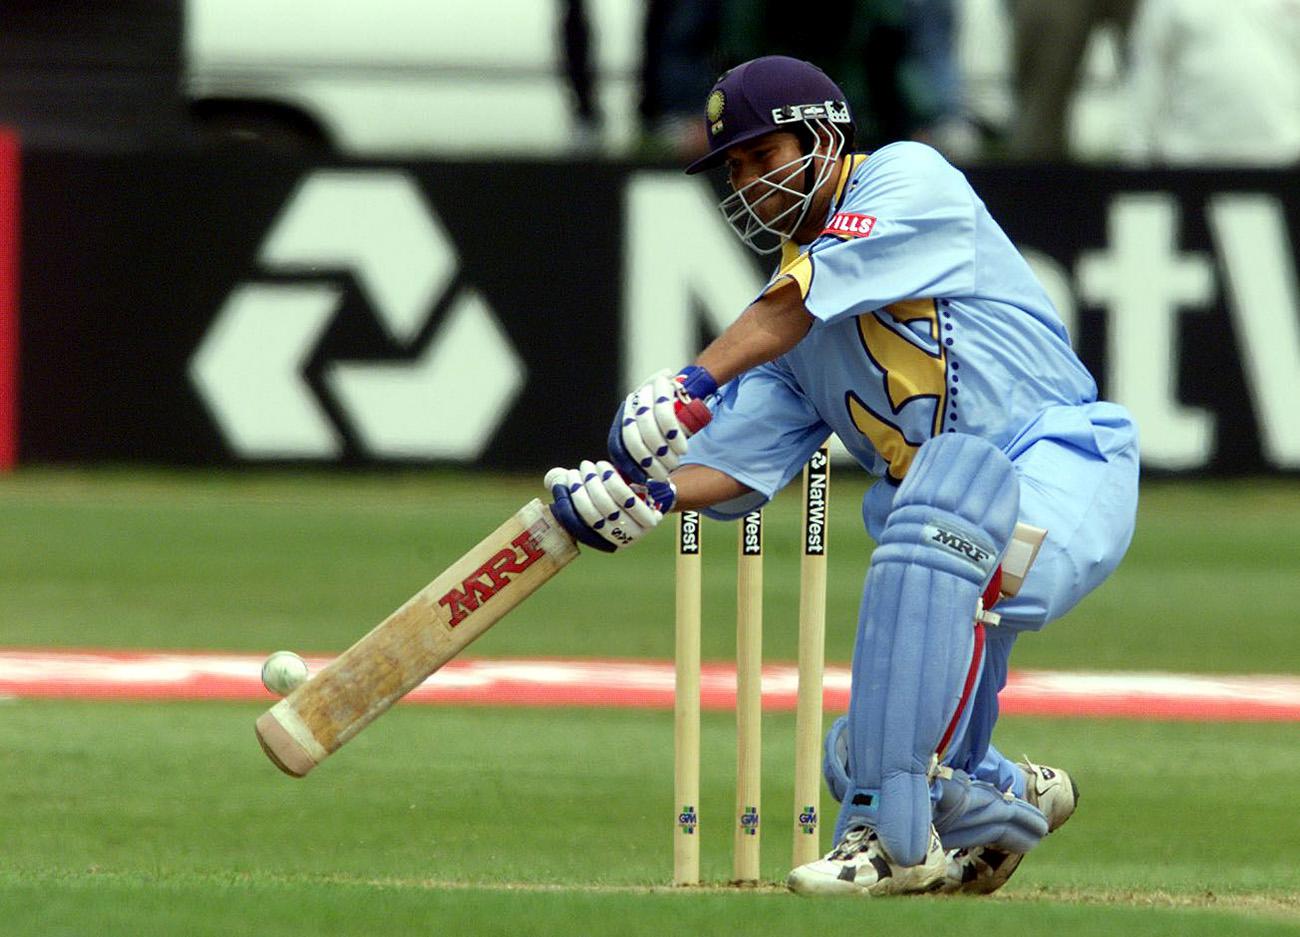 ৫জন ভারতীয় ক্রিকেটার যারা অভিষেকে শুন্য করেও ভারত অধিনায়ক হয়েছিলেন 2